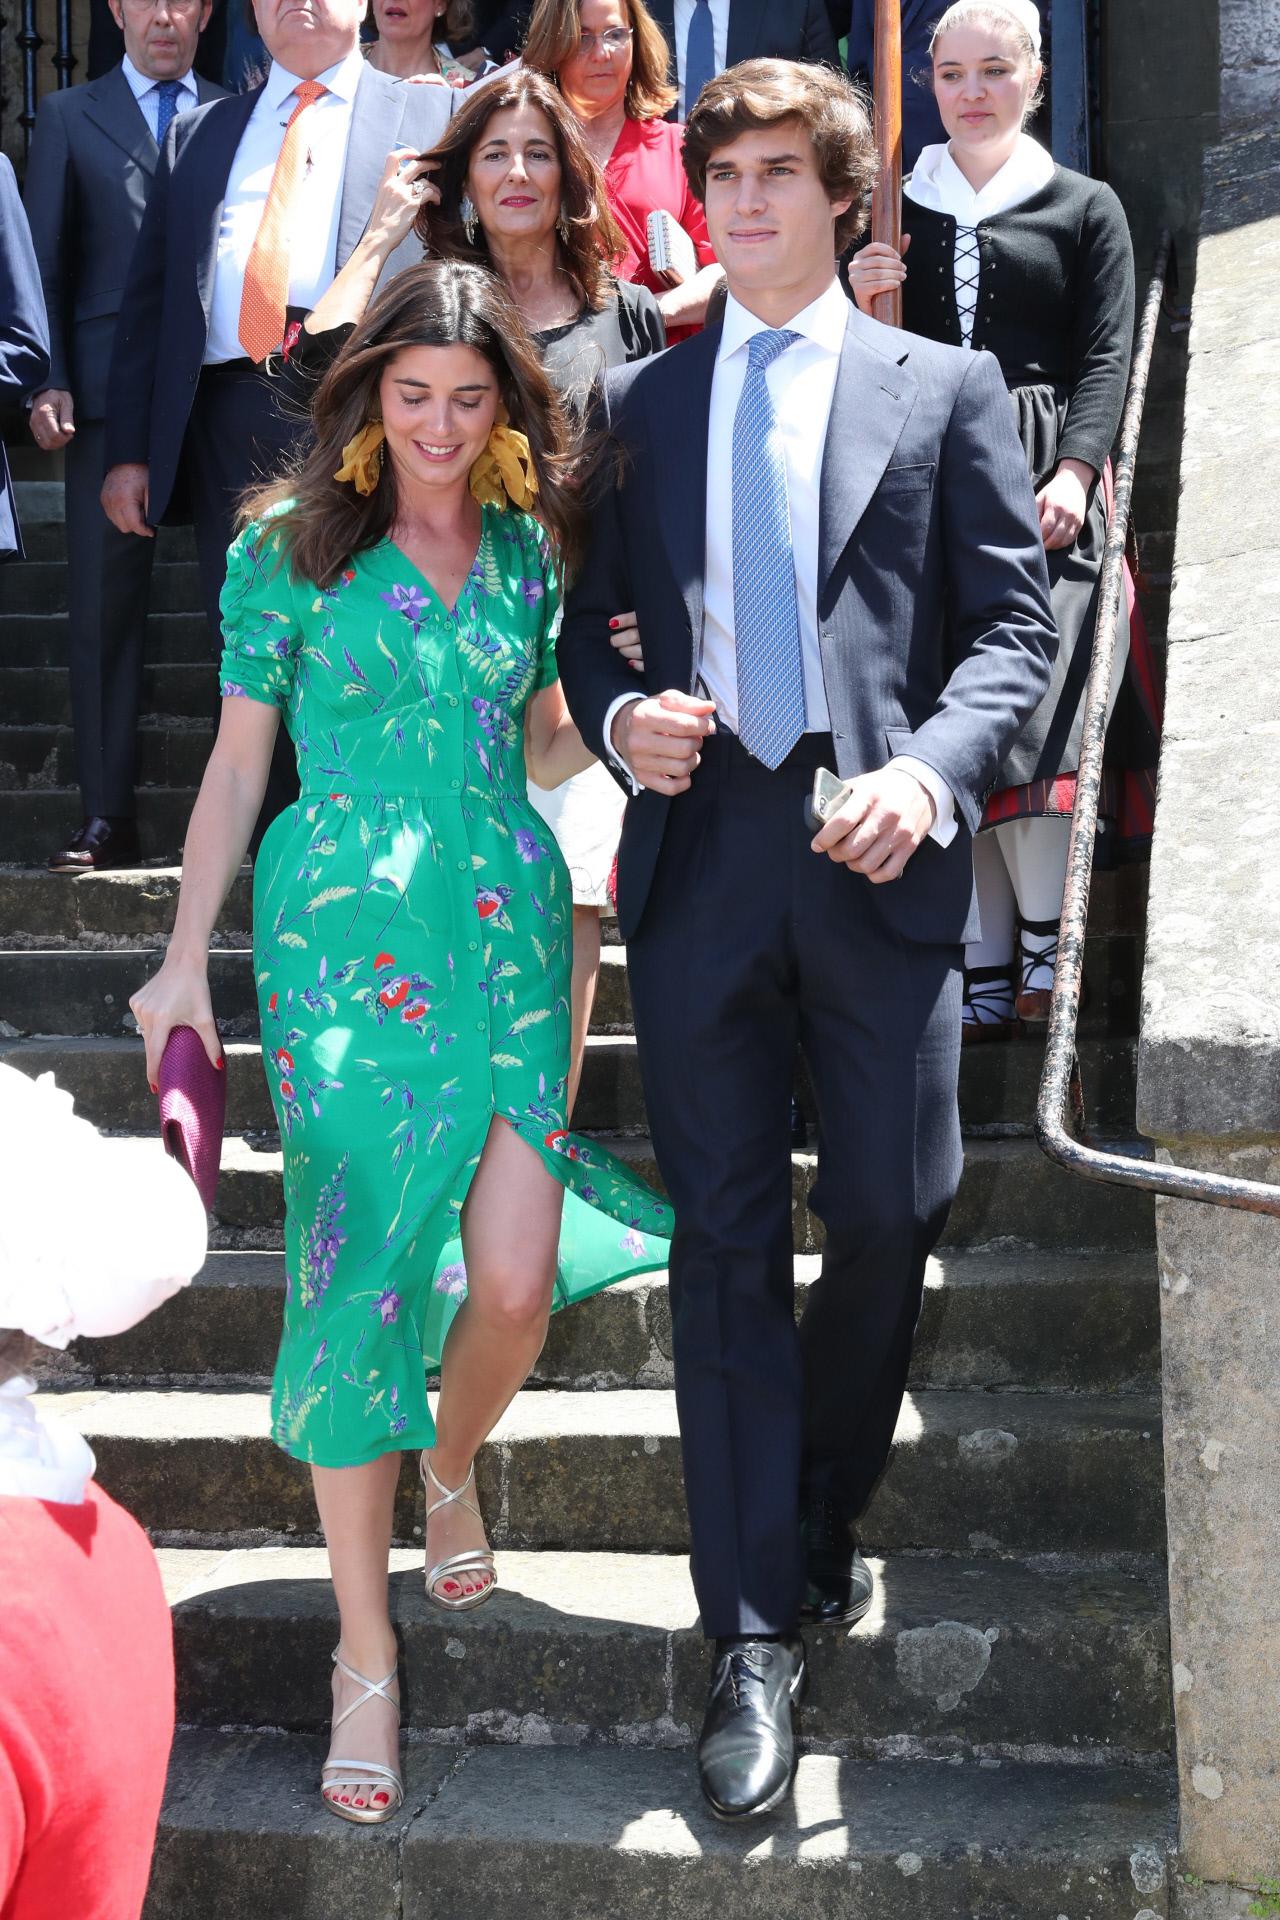 Belén Corsini y Carlos Fitz-James Stuart en la boda de Valentina Suárez Zuloaga y Manuel de Lacalle en Zumaya en Zumaya, en junio de 2019.